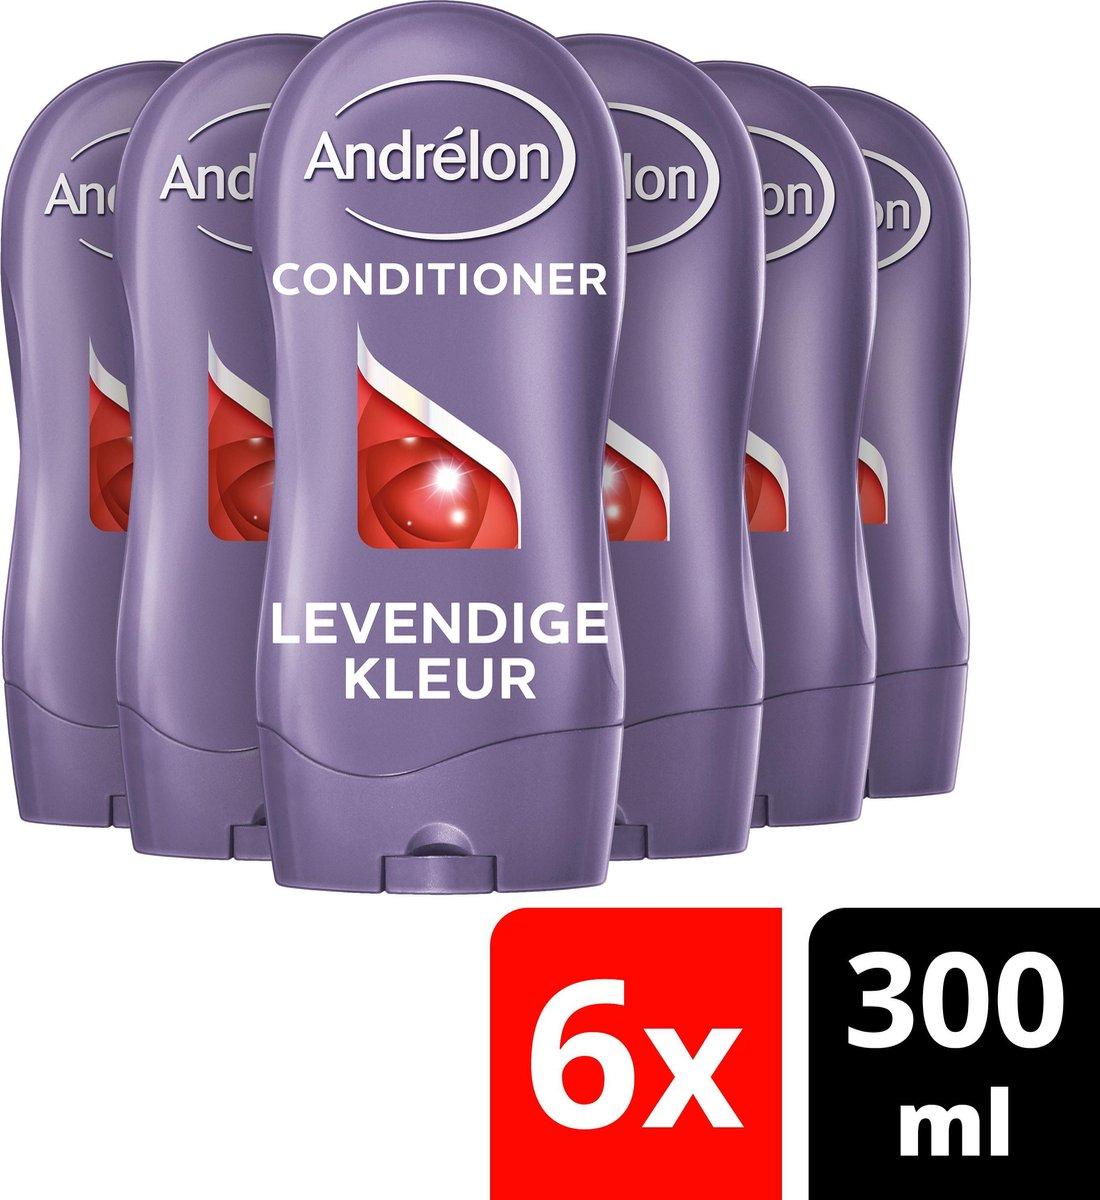 Andrélon Levendige Kleur Conditioner 6 x 300 ml - Voordeelverpakking - Andrélon